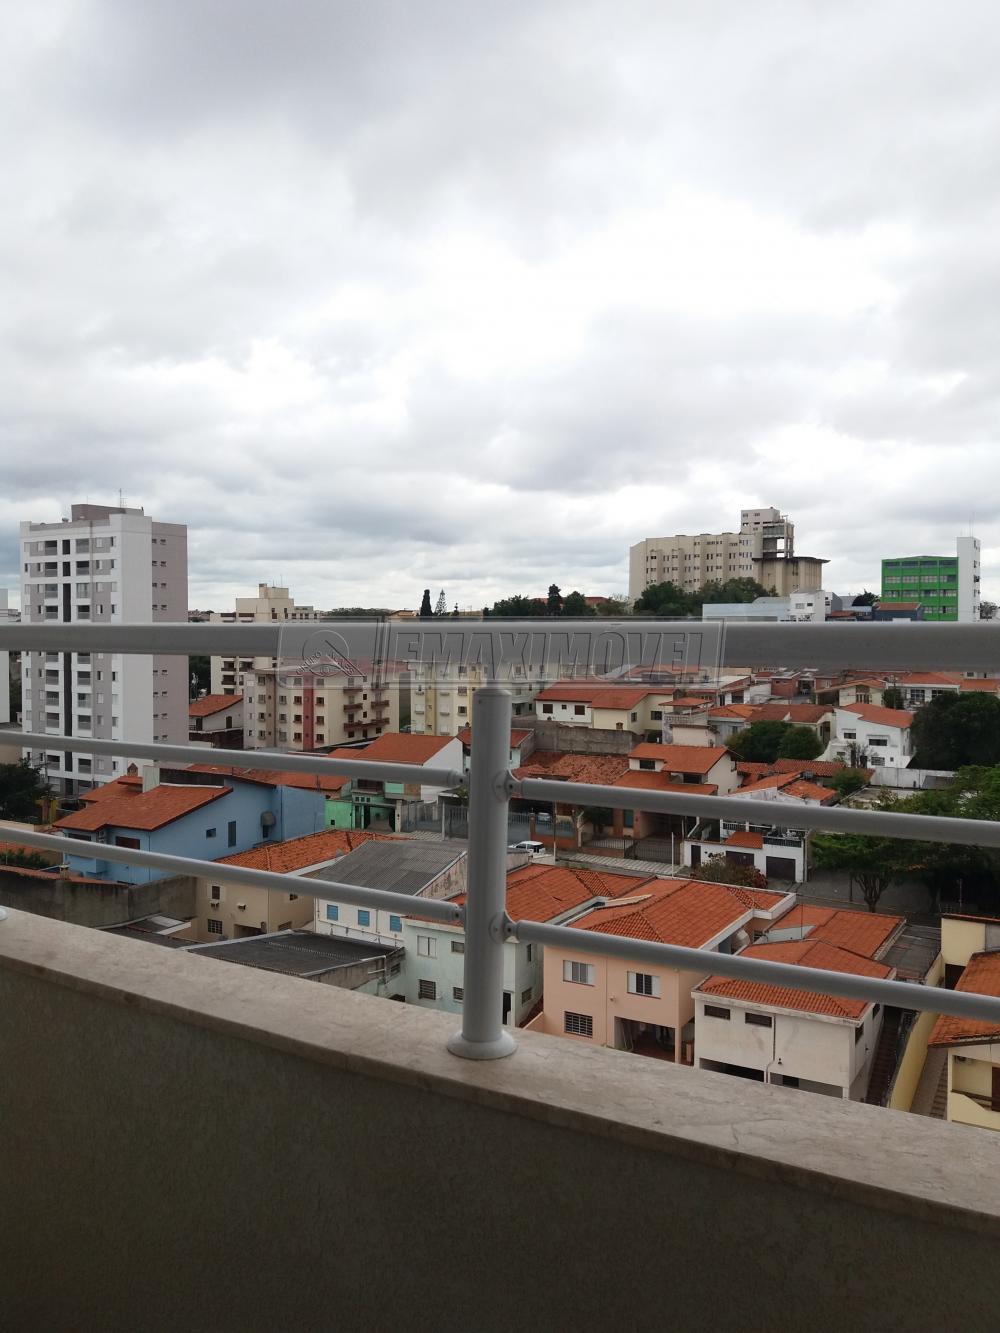 Comprar Apartamentos / Apto Padrão em Sorocaba apenas R$ 535.000,00 - Foto 11